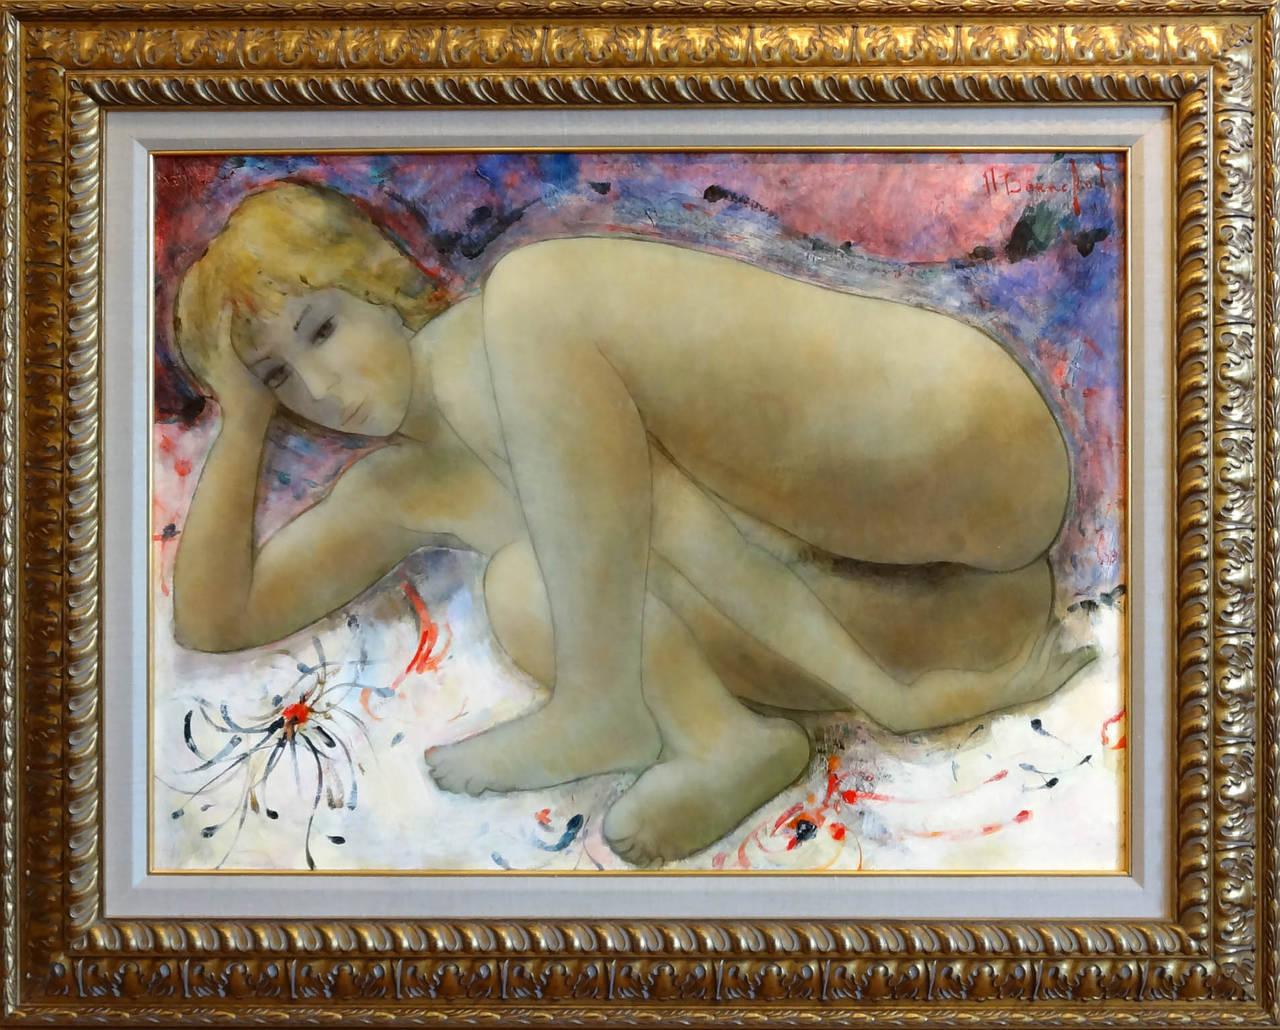 Rose - Painting by Alain Bonnefoit